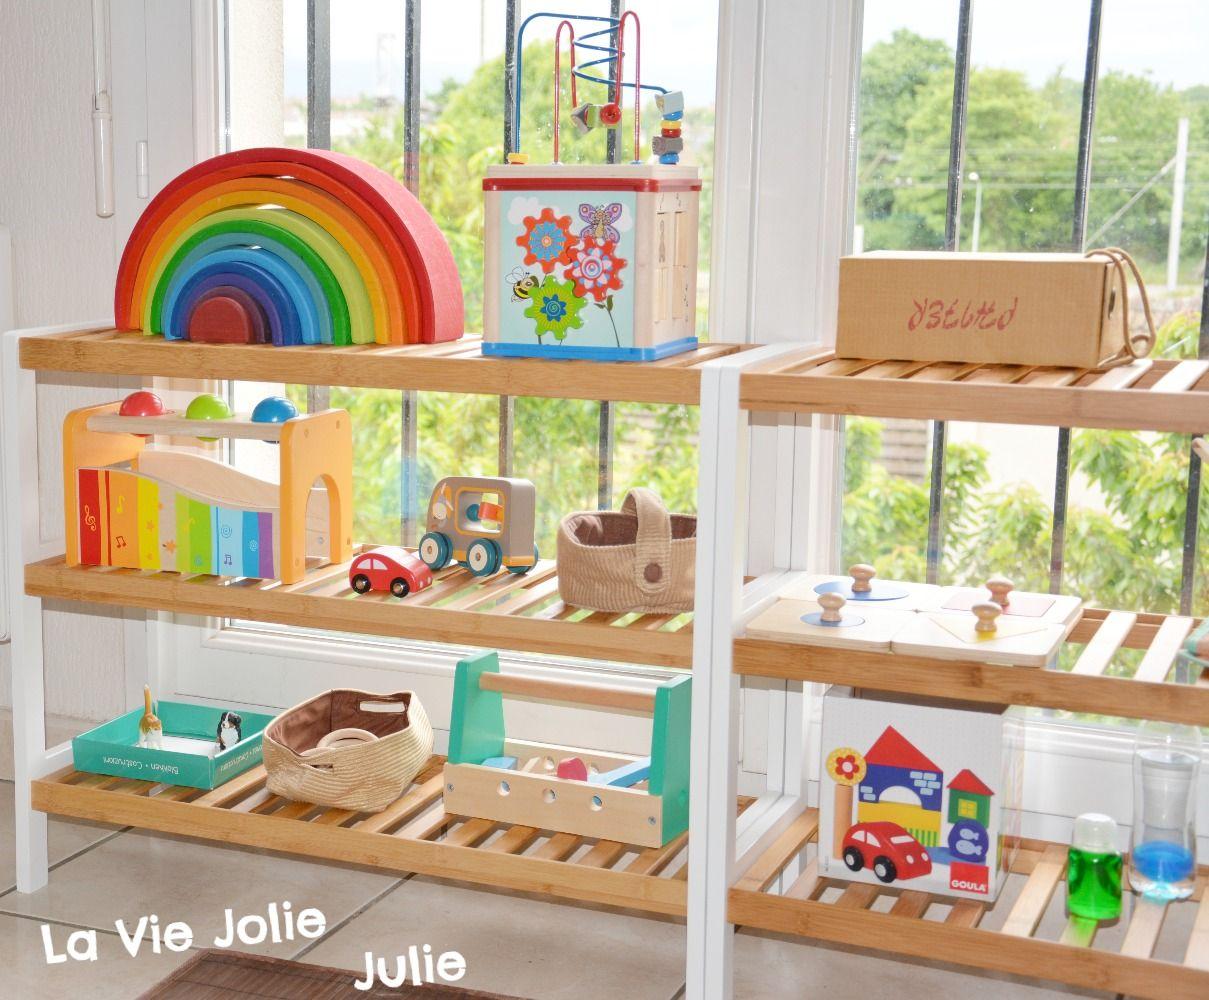 Am nager notre espace jeux montessori la vie jolie julie blog de maman b b chambre et - Chambre bebe petit espace ...